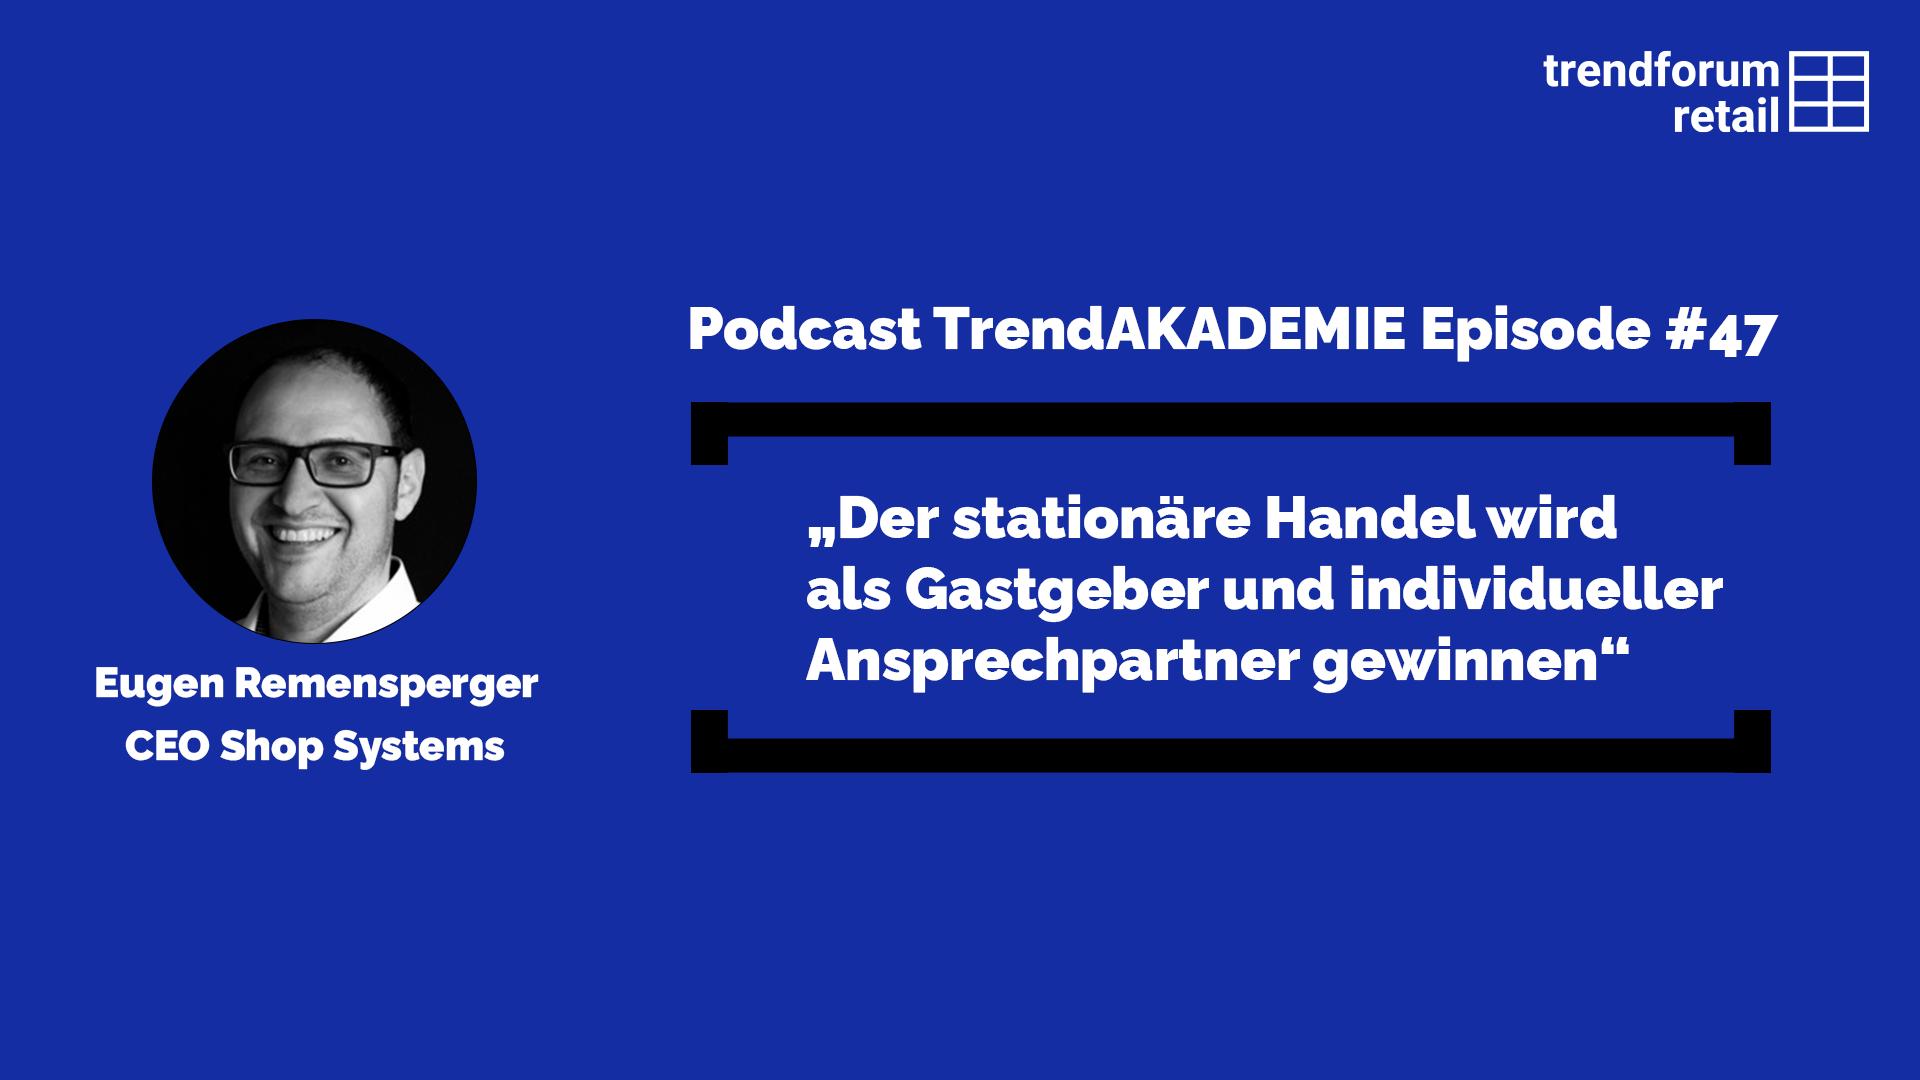 """Podcast TrendAKADEMIE - Episode 47: """"Der stationäre Handel wird als Gastgeber und individueller Ansprechpartner gewinnen"""